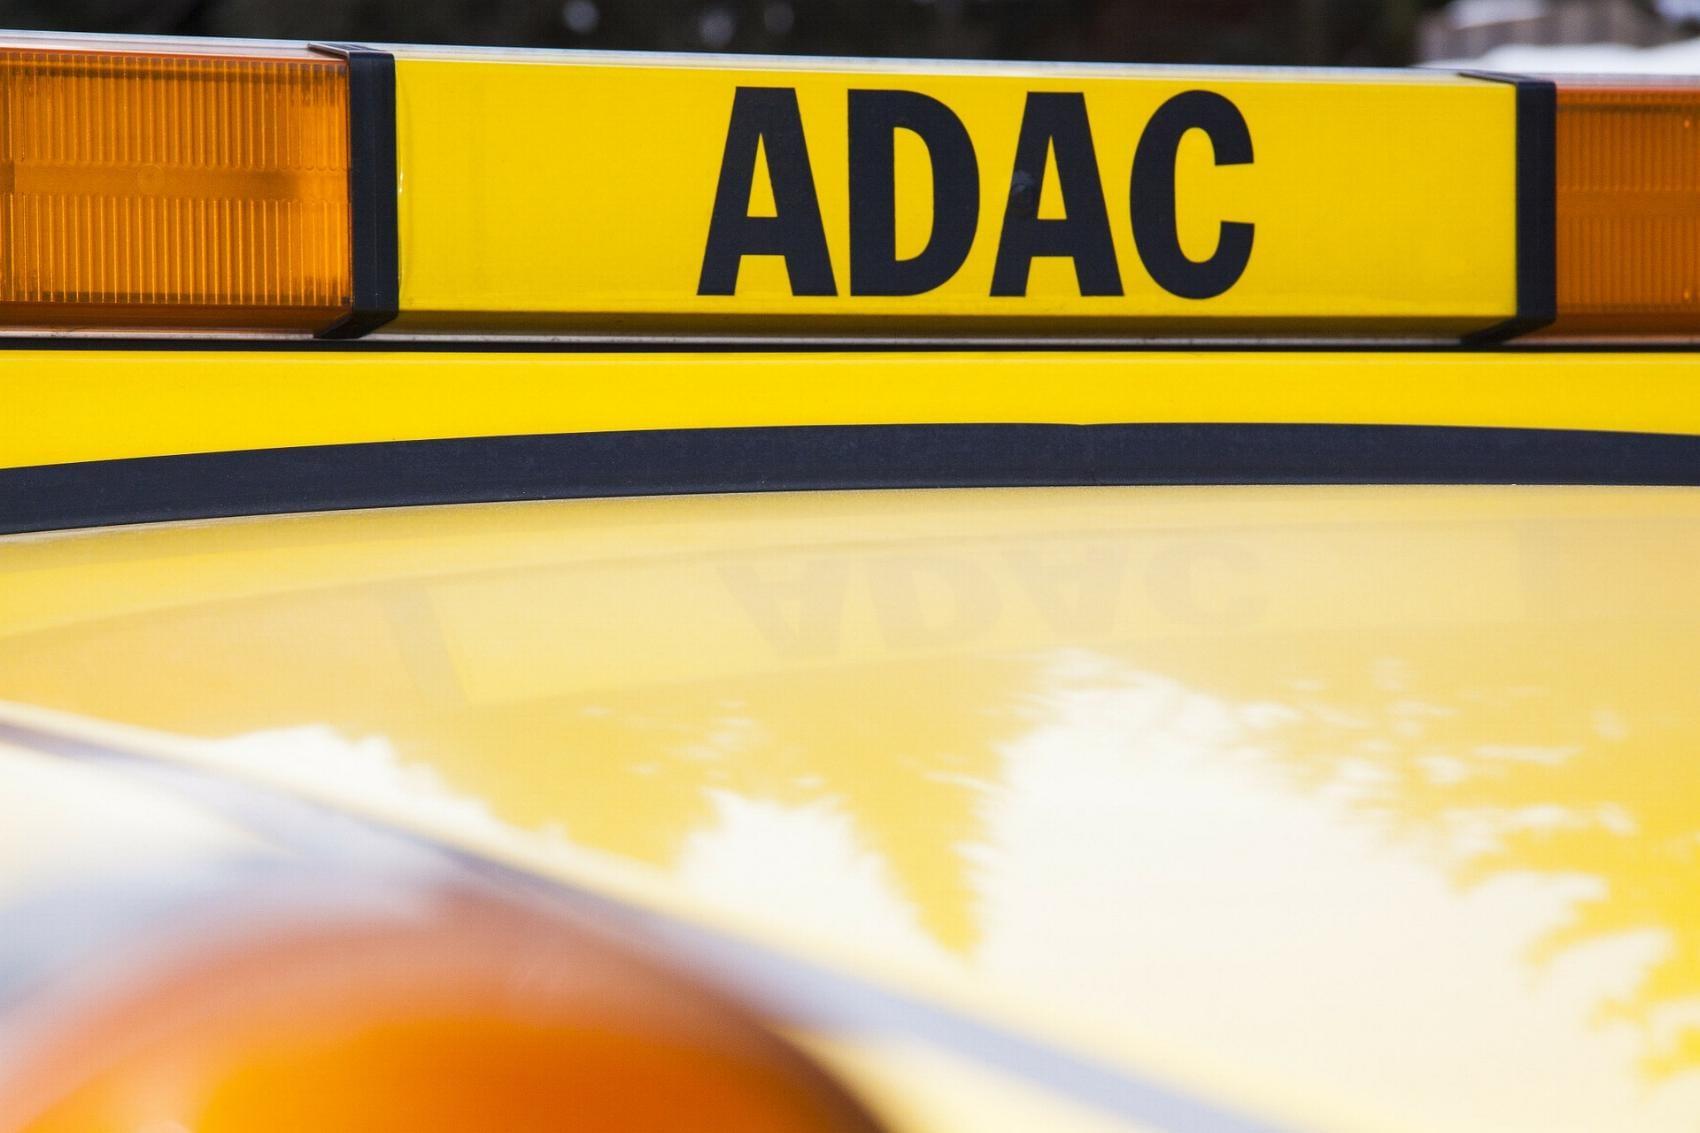 ADAC Pannenfahrzeug